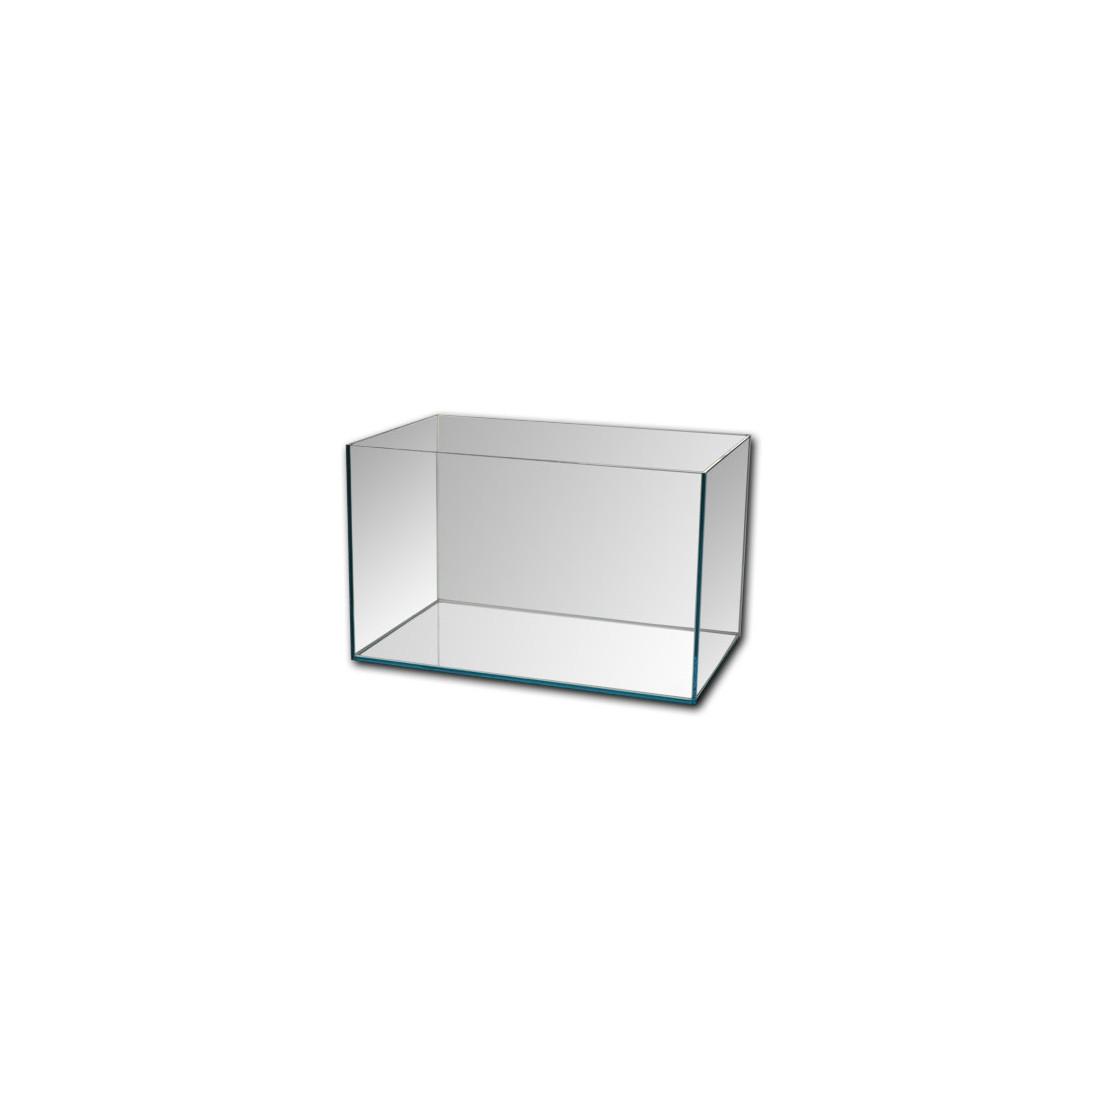 Aquavie AQUARIUM 500 x 300 x 350 - 53L - 4mm